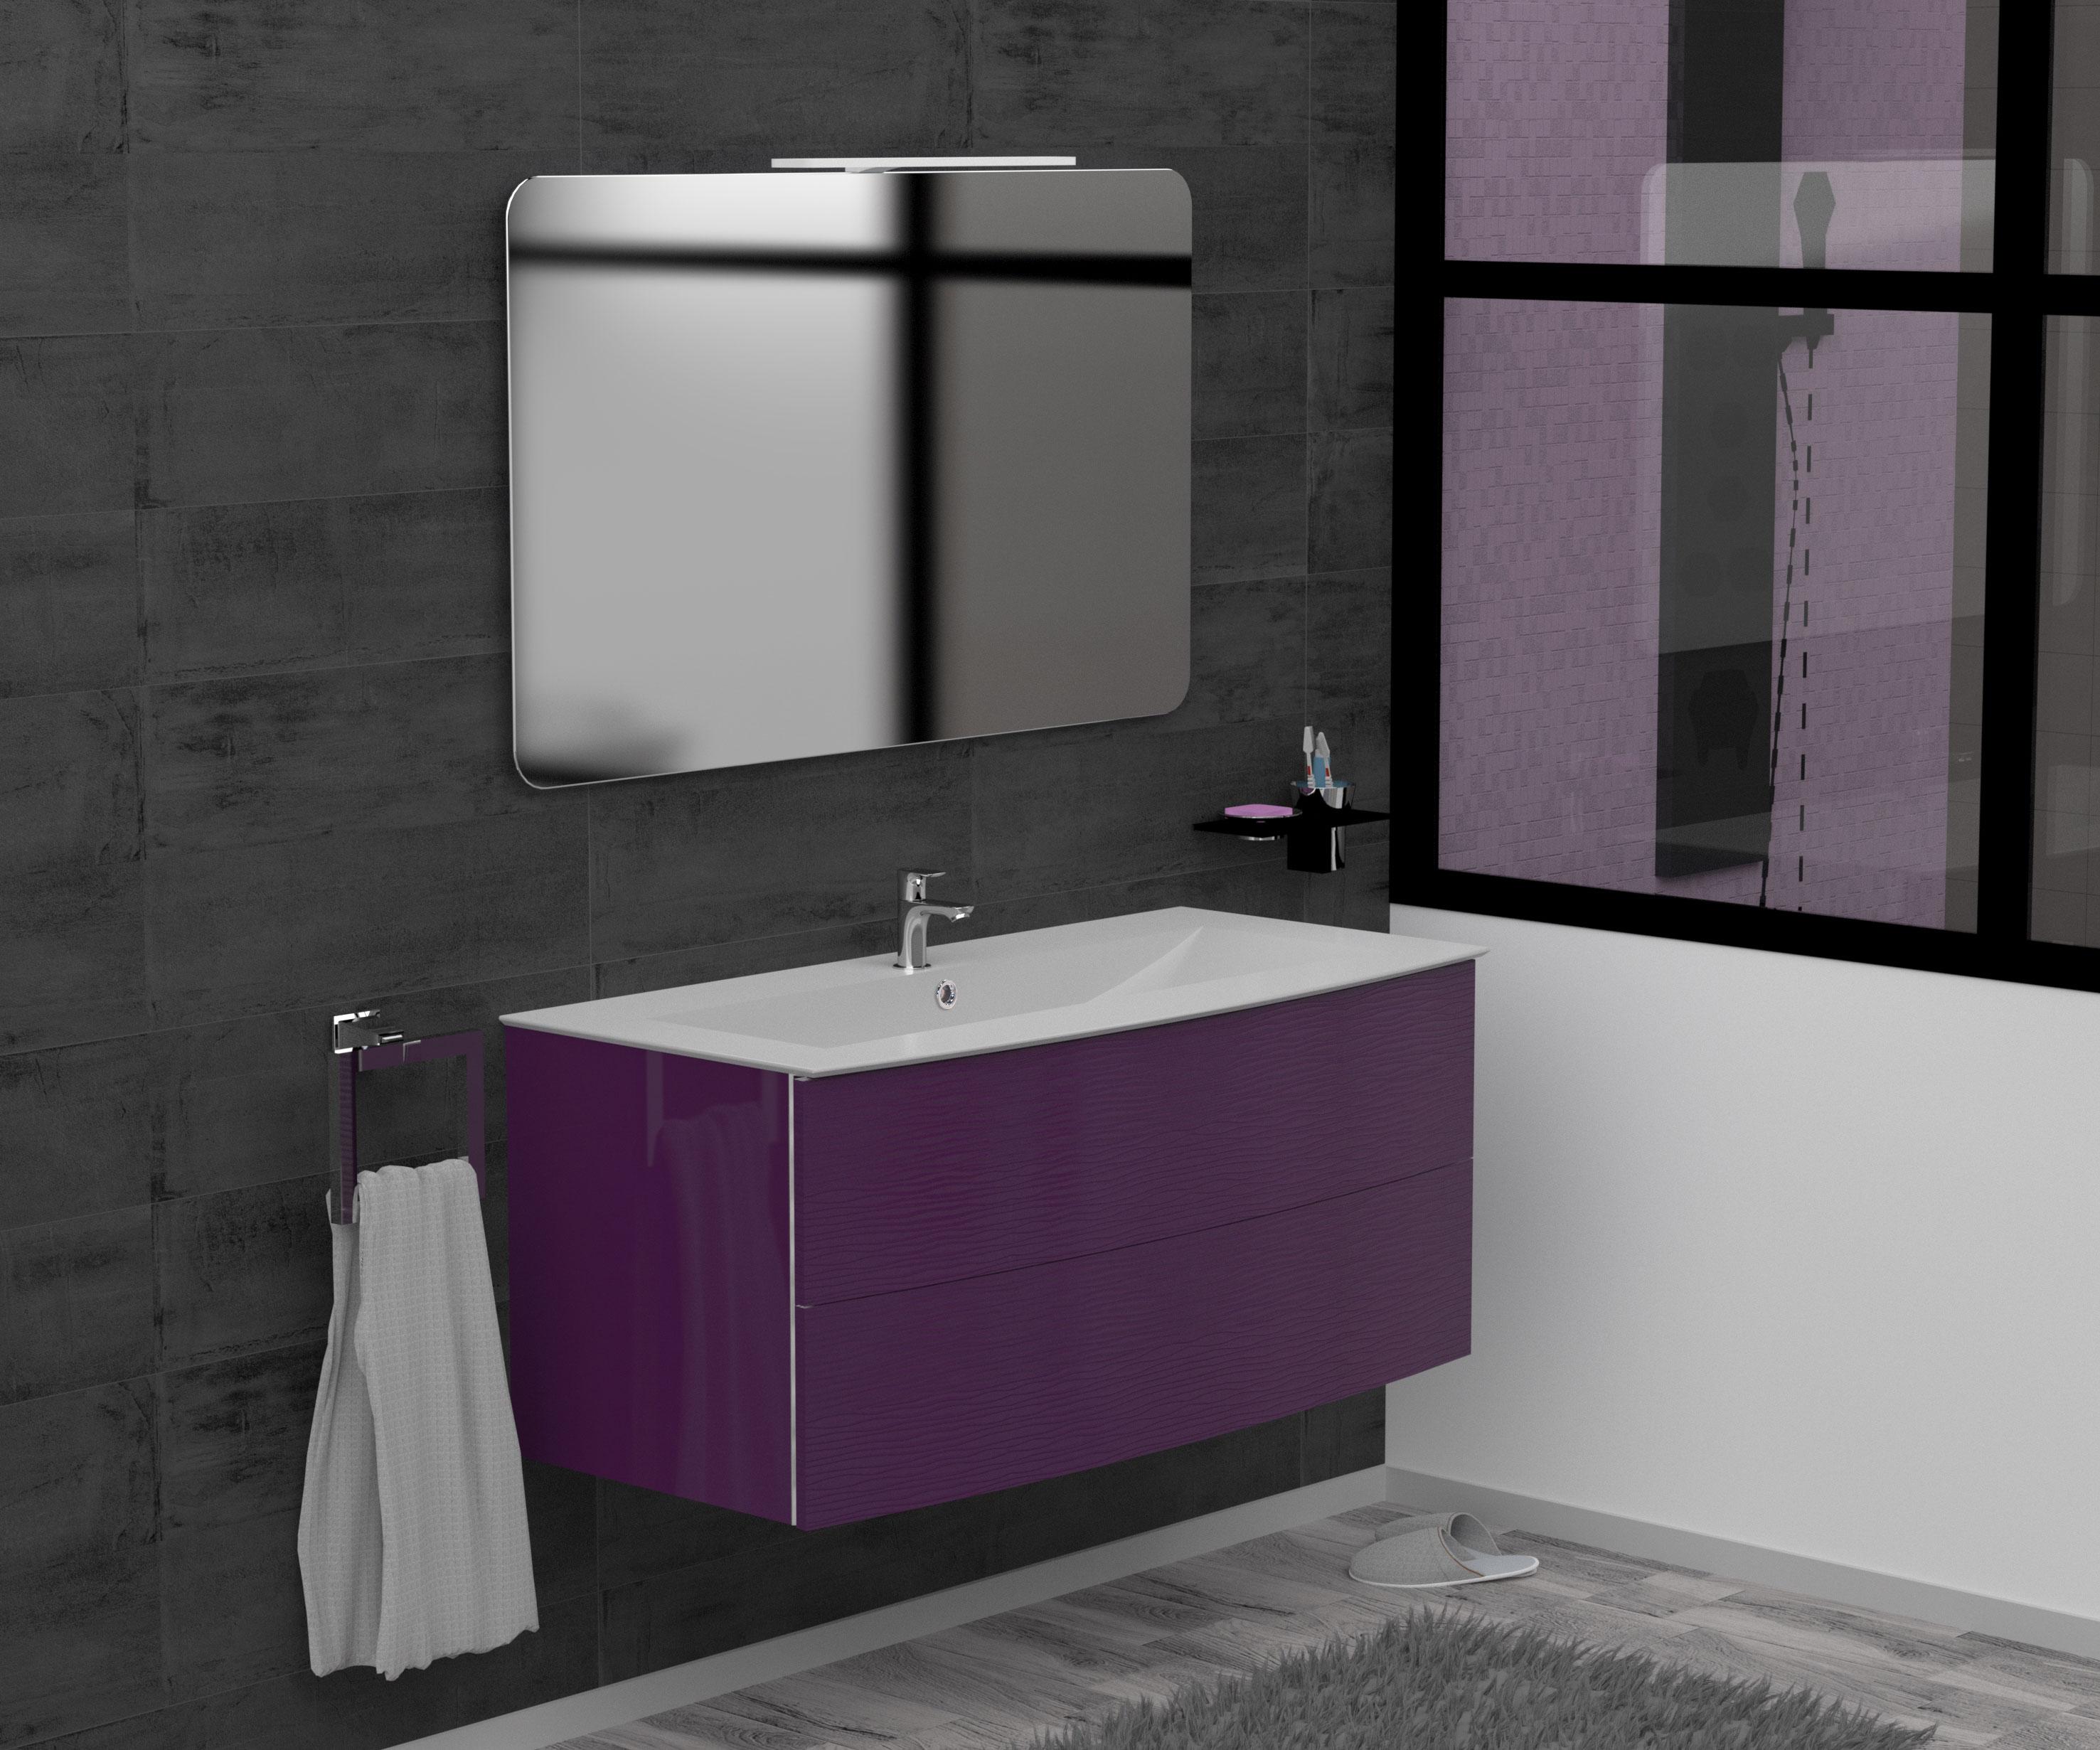 Accueil meubles de salle de bains lido - Meuble salle de bain 70 cm largeur ...